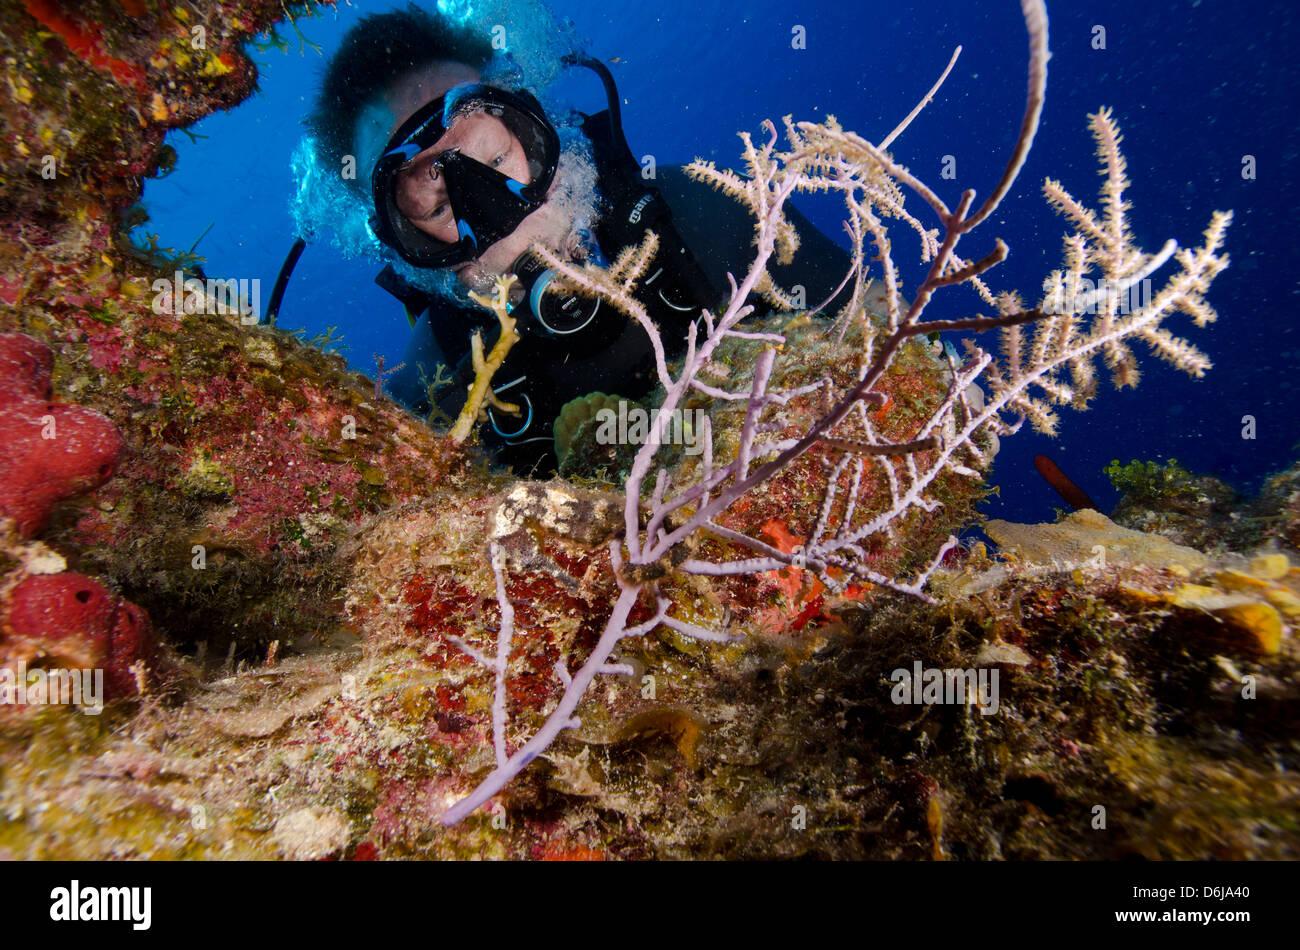 West Caicos Stock Photos & West Caicos Stock Images - Alamy